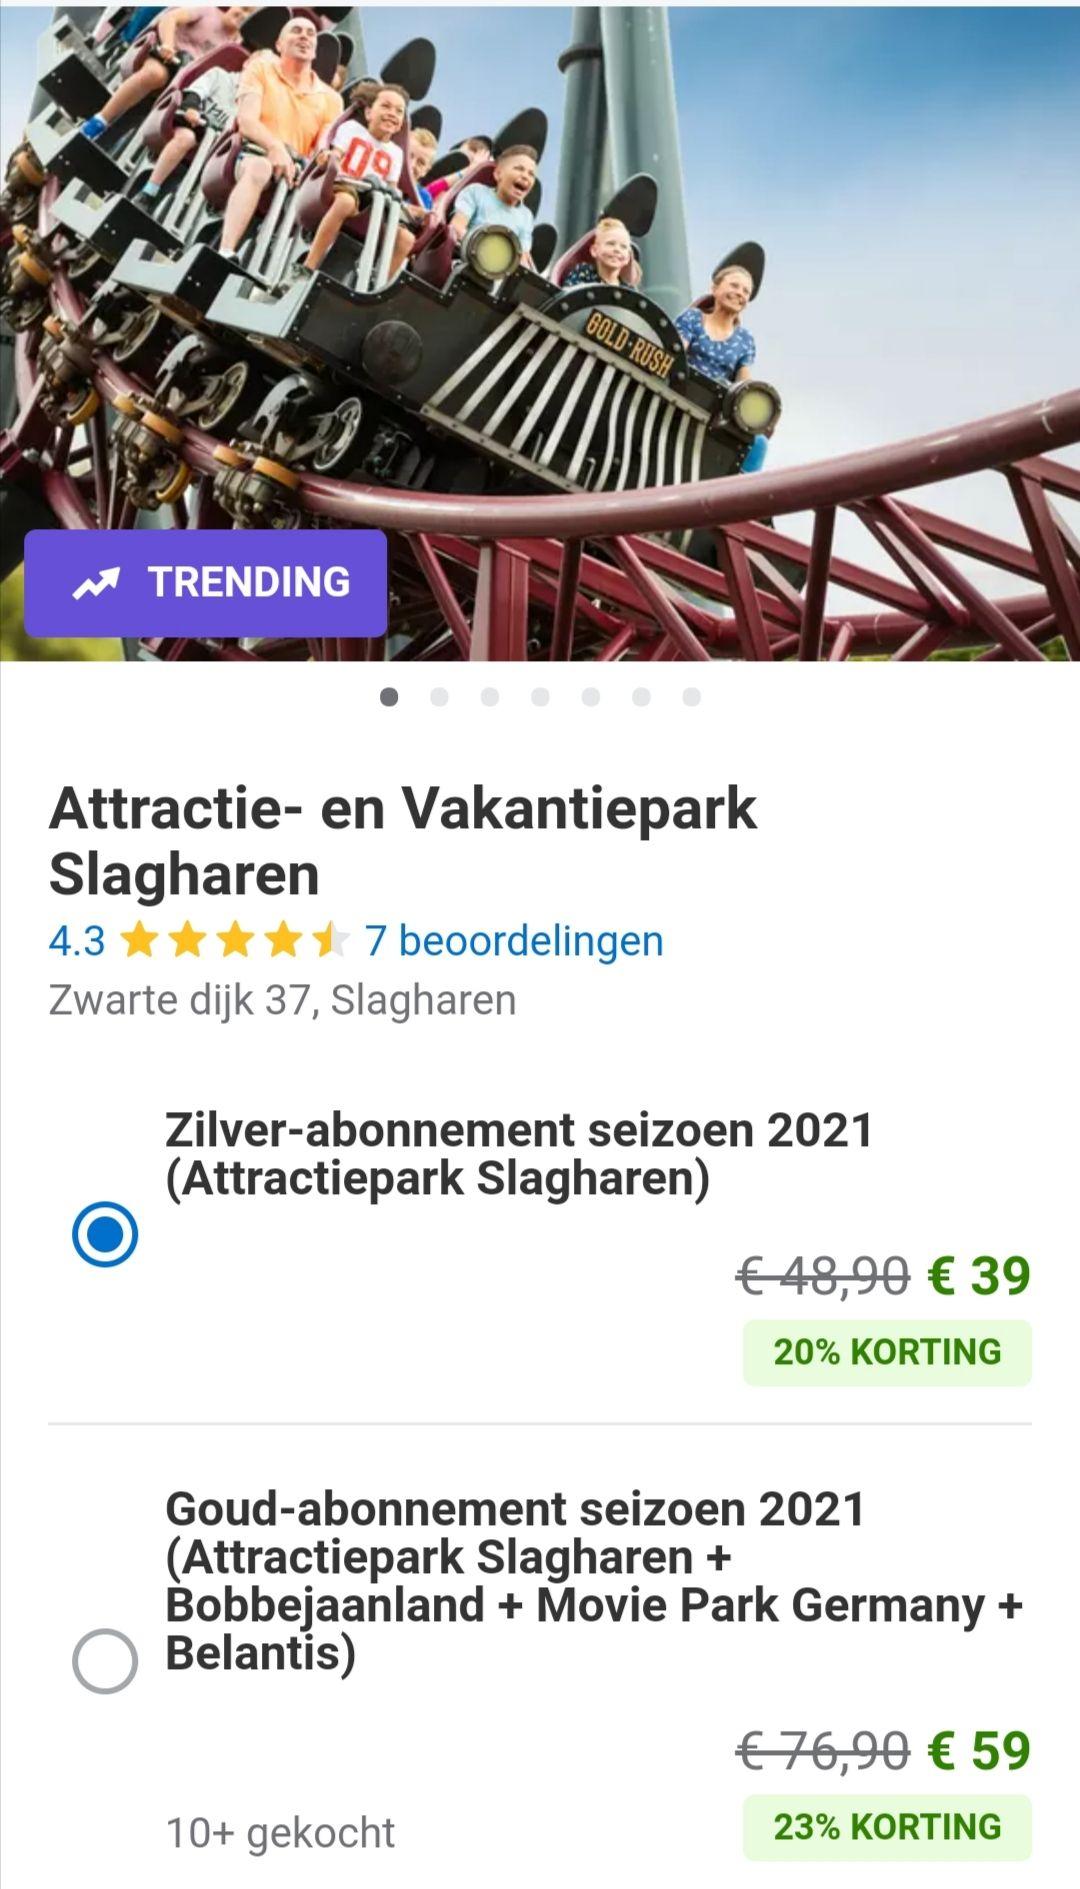 Goud abonnement Slagharen bij Groupon.nl (inclusief 5x Movie park en Bobbejaanland)